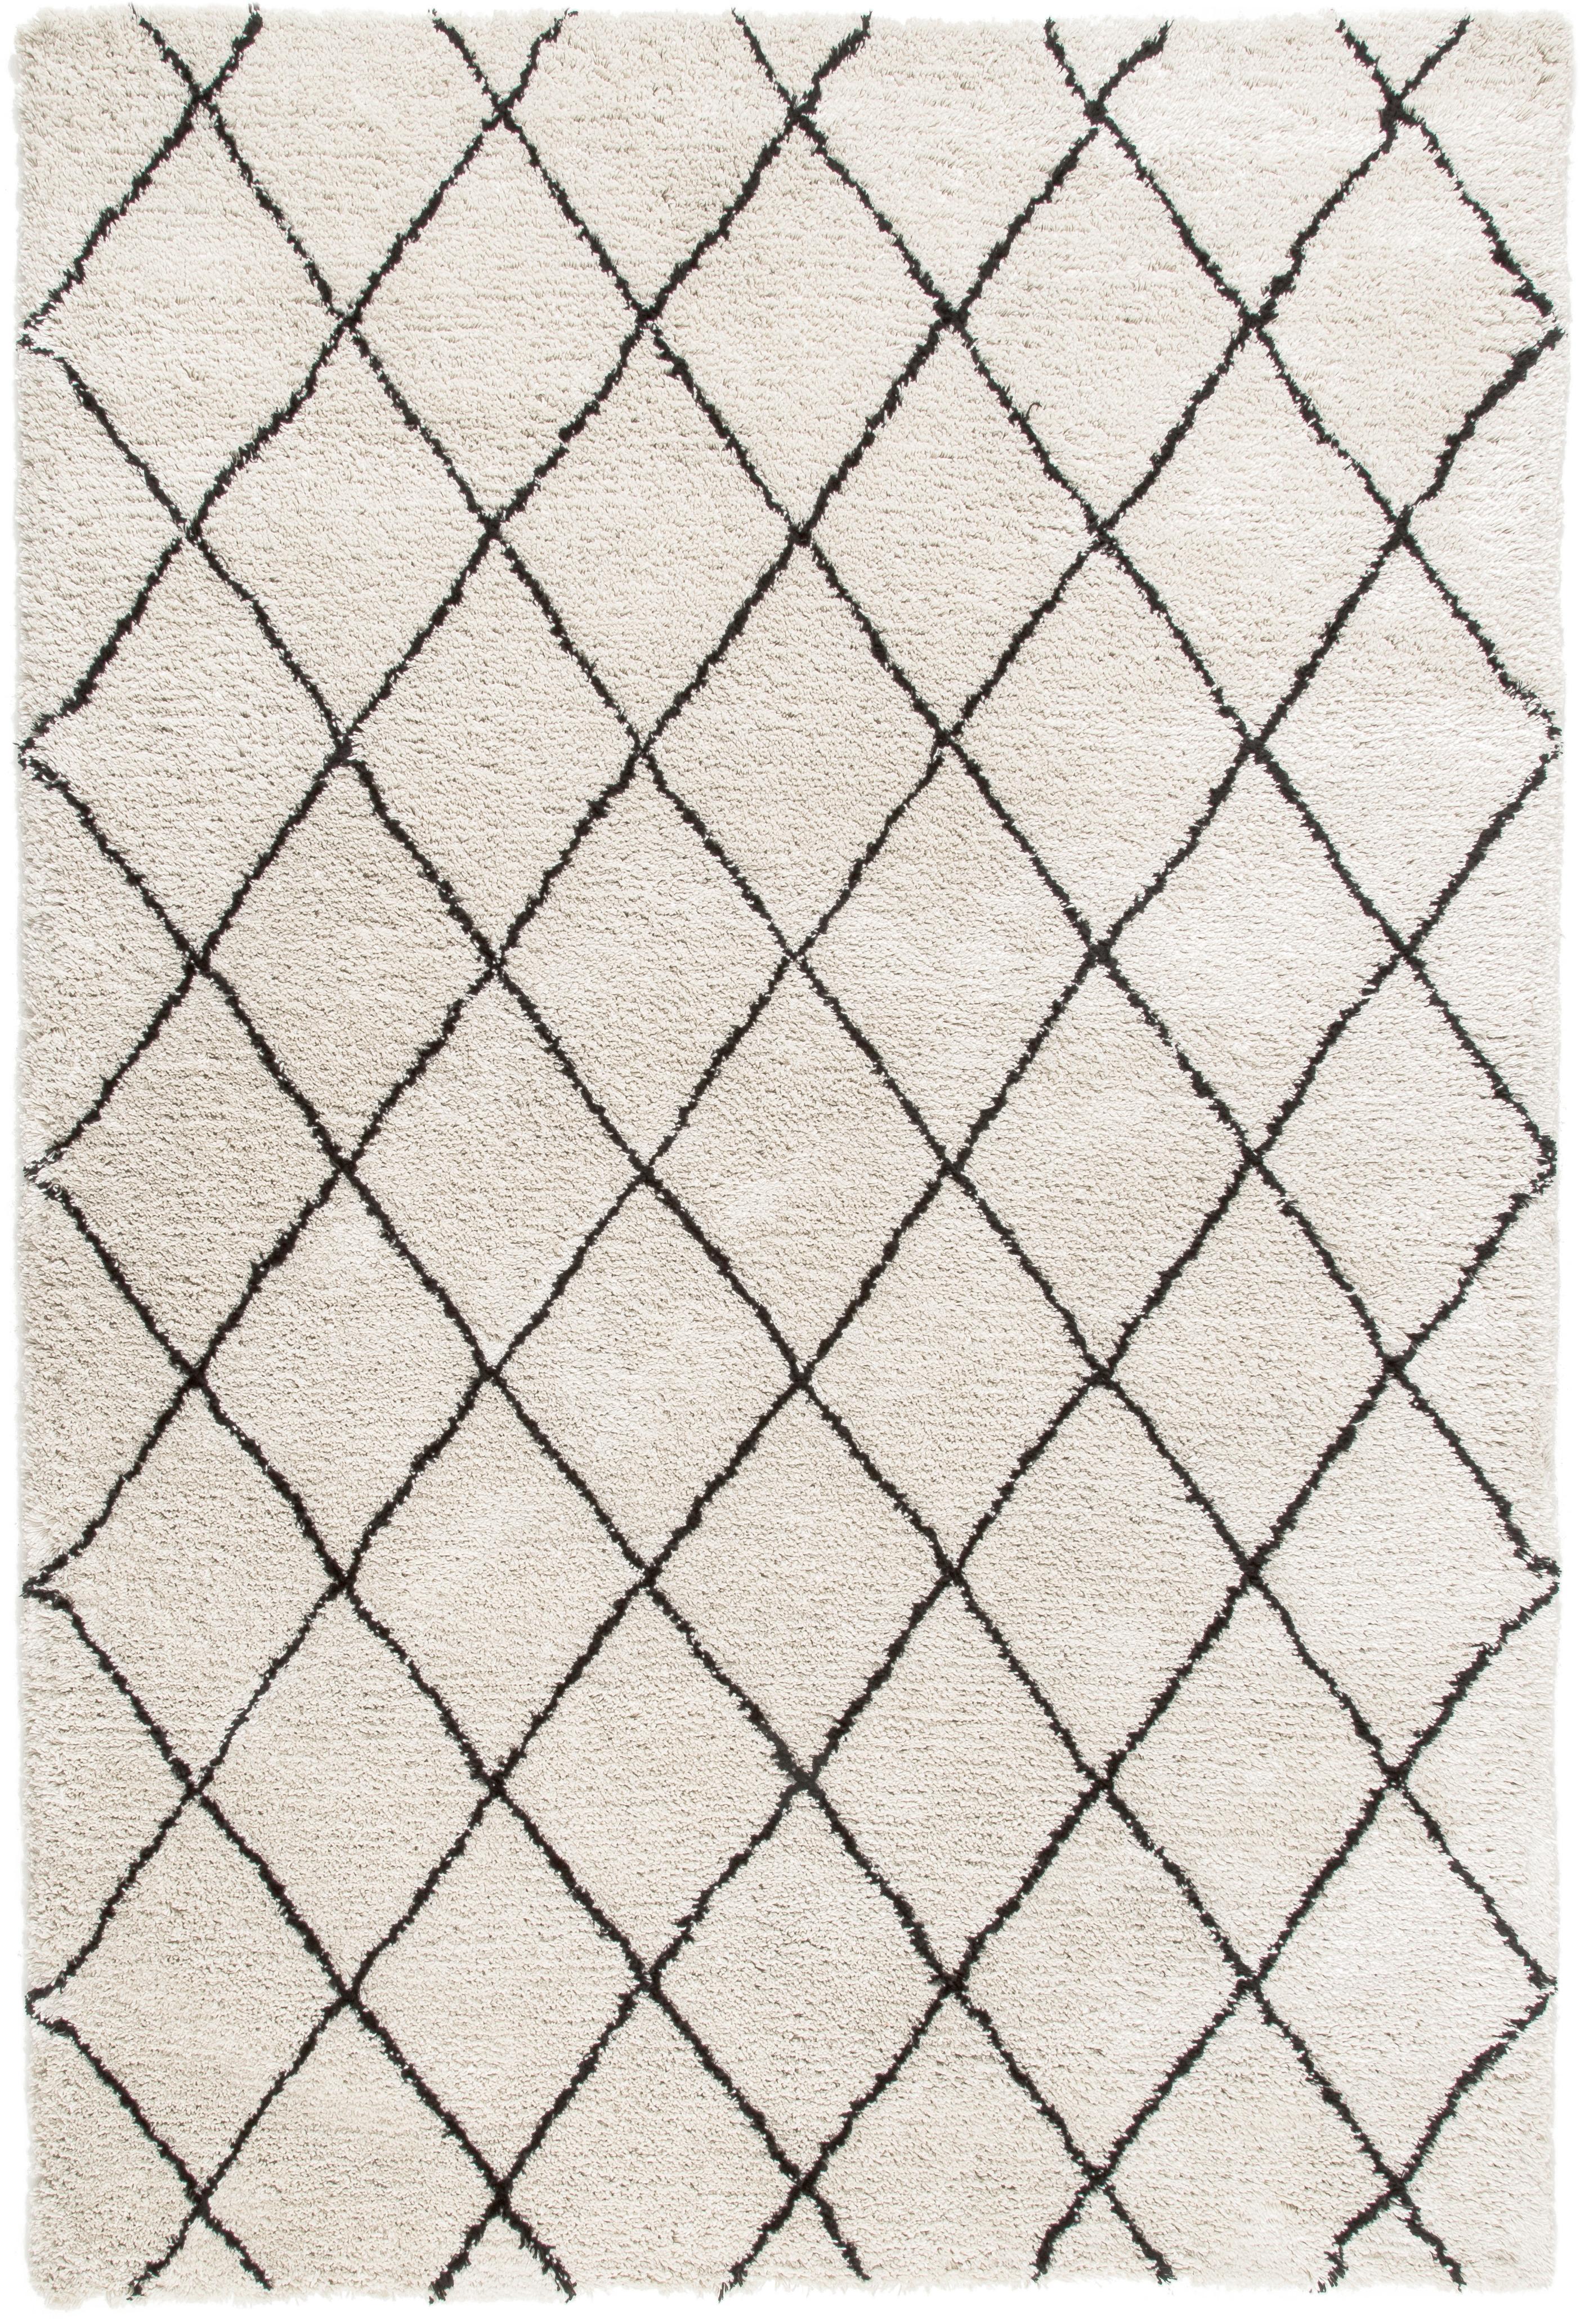 Flauschiger Hochflor-Teppich Naima, handgetuftet, Flor: 100% Polyester, Beige, Schwarz, B 200 x L 300 cm (Größe L)